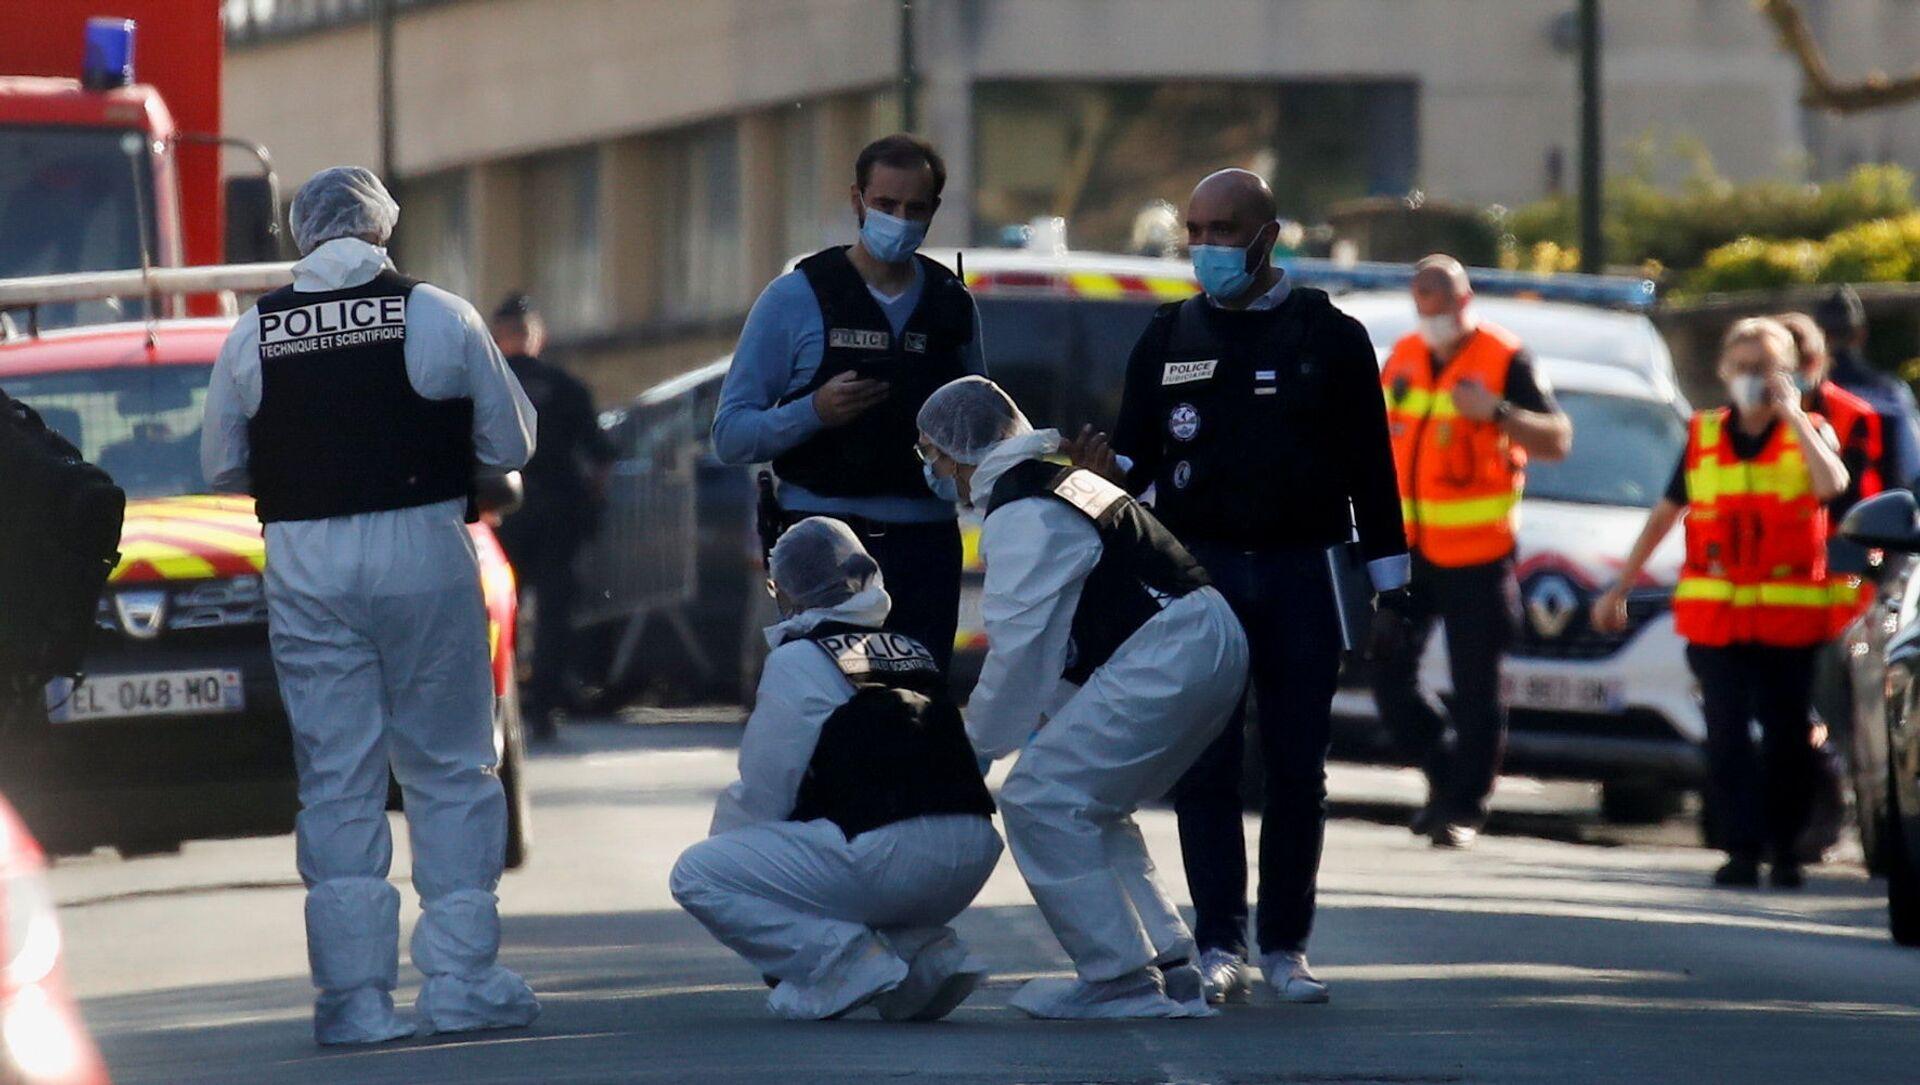 Policiers à Rambouillet après l'attaque au couteau, 23 avril 2021 - Sputnik France, 1920, 25.04.2021